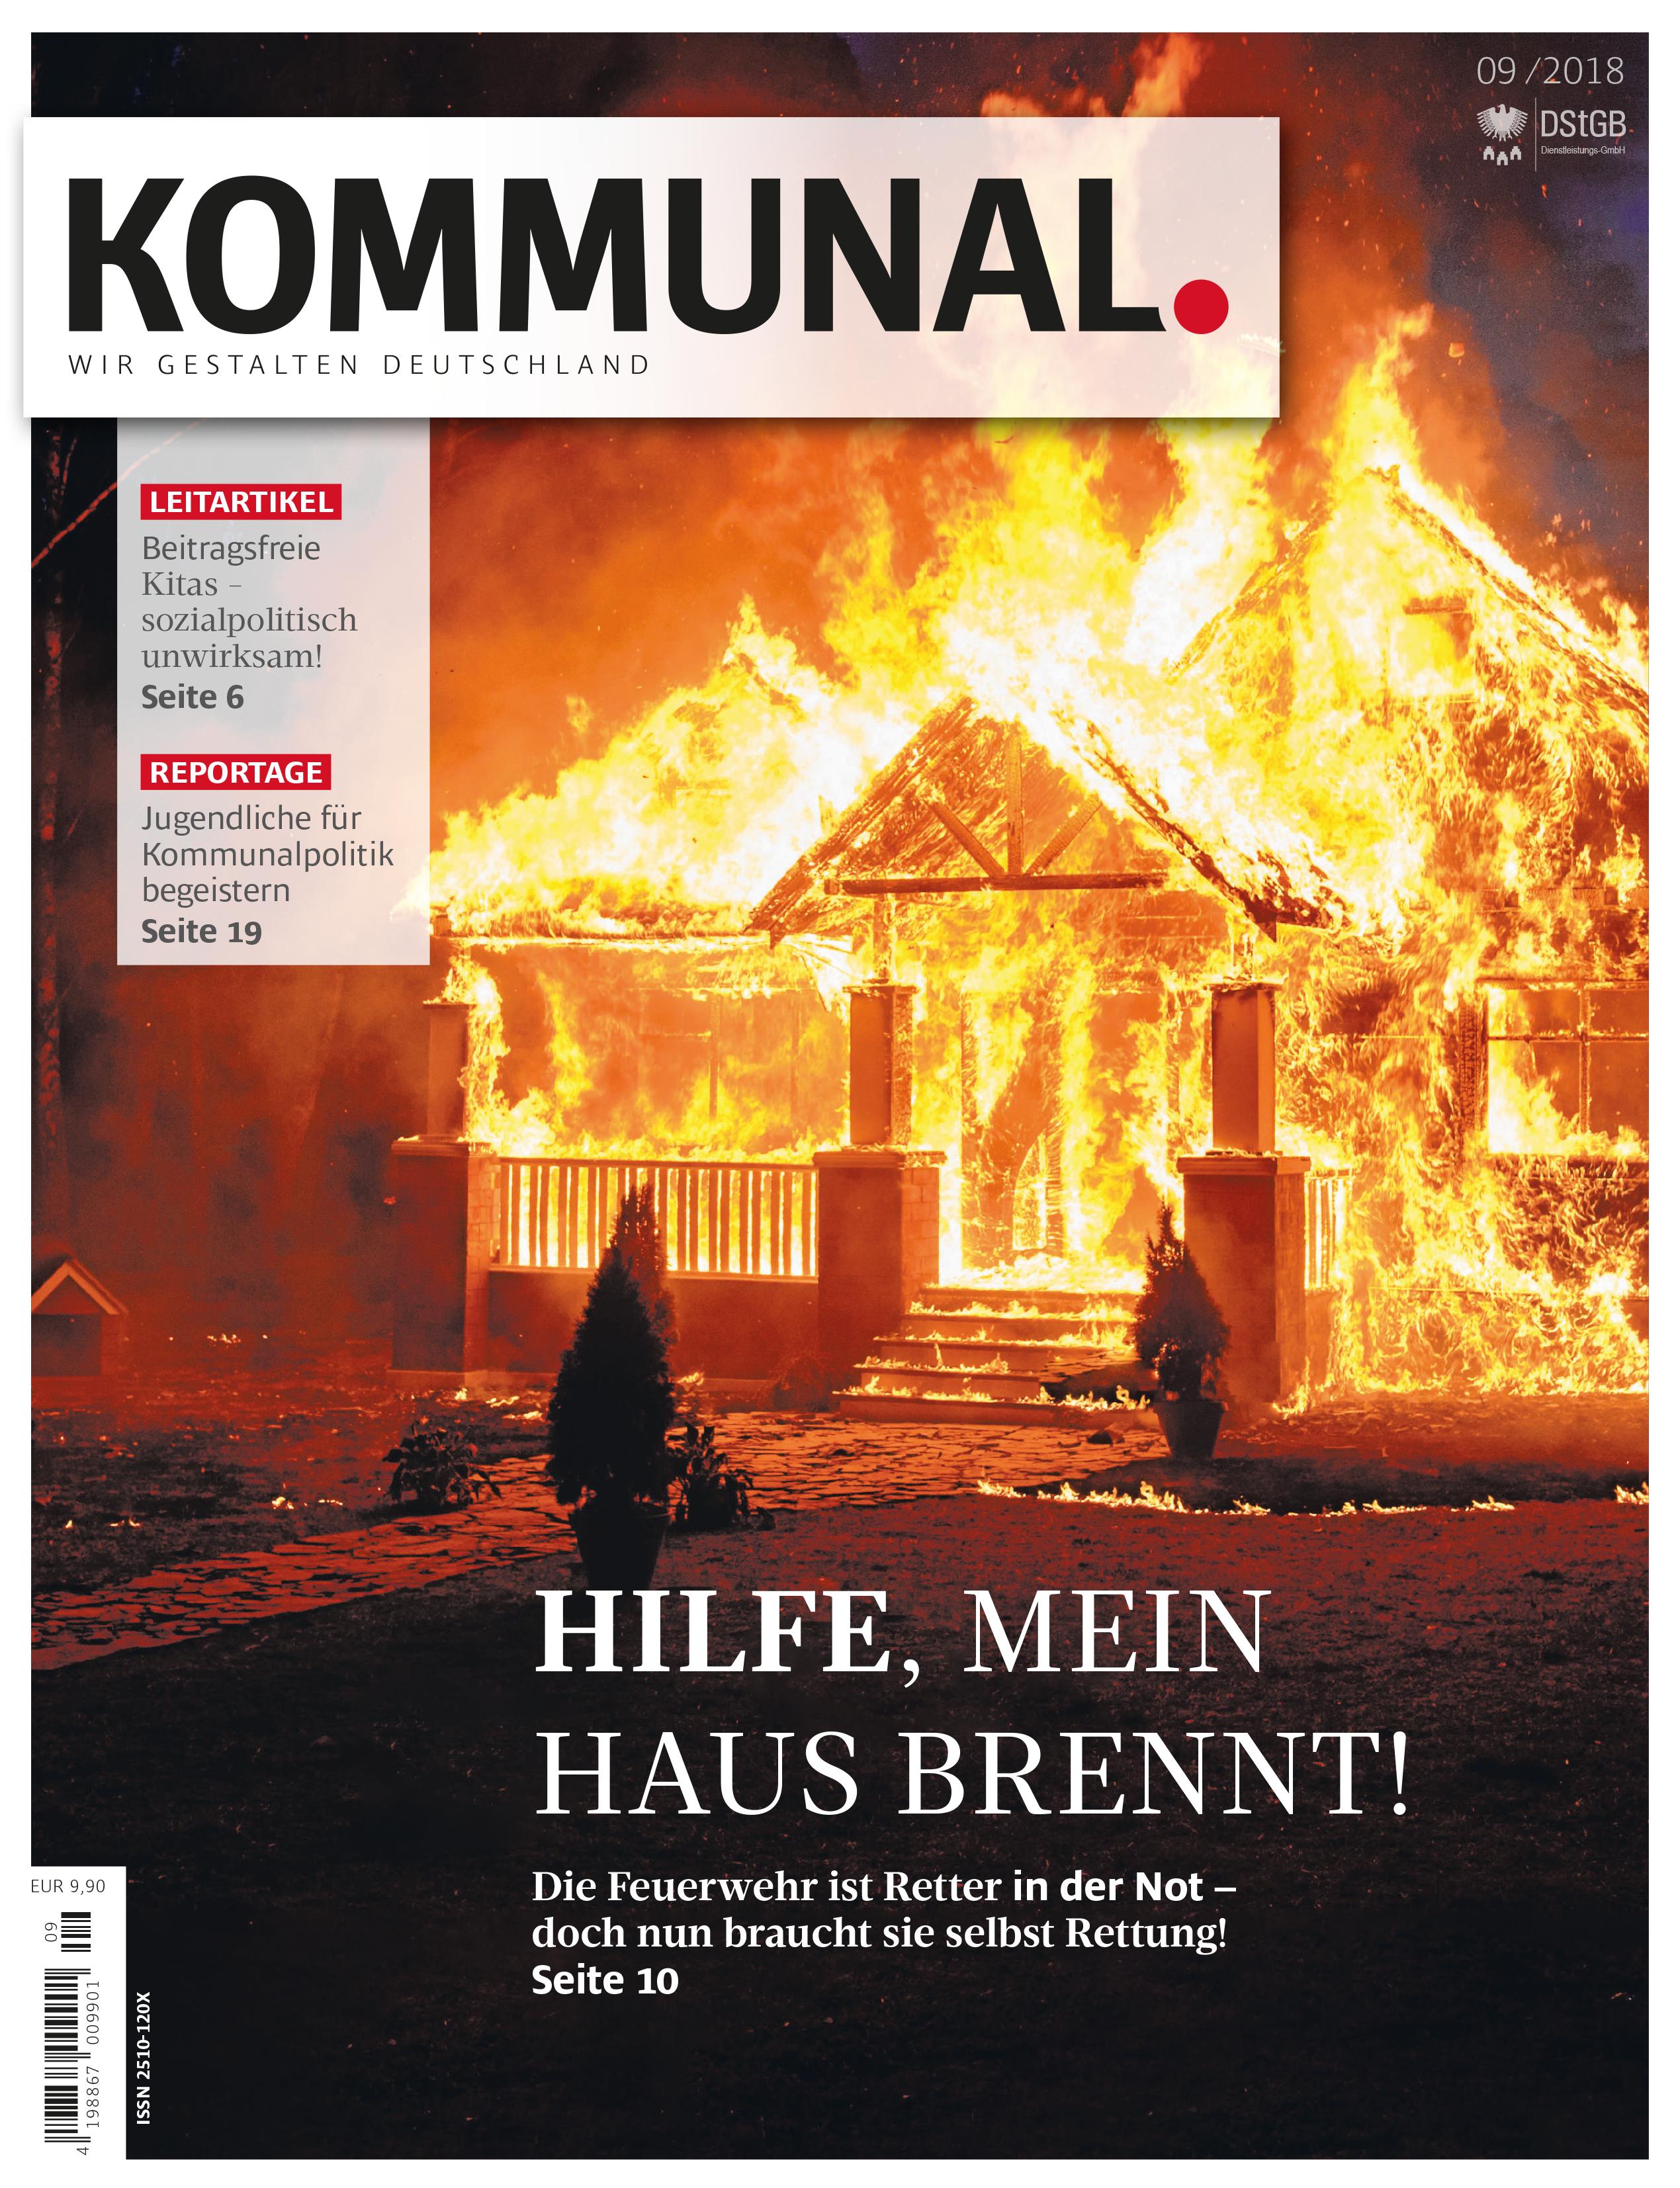 KOMMUNAL Deutschland